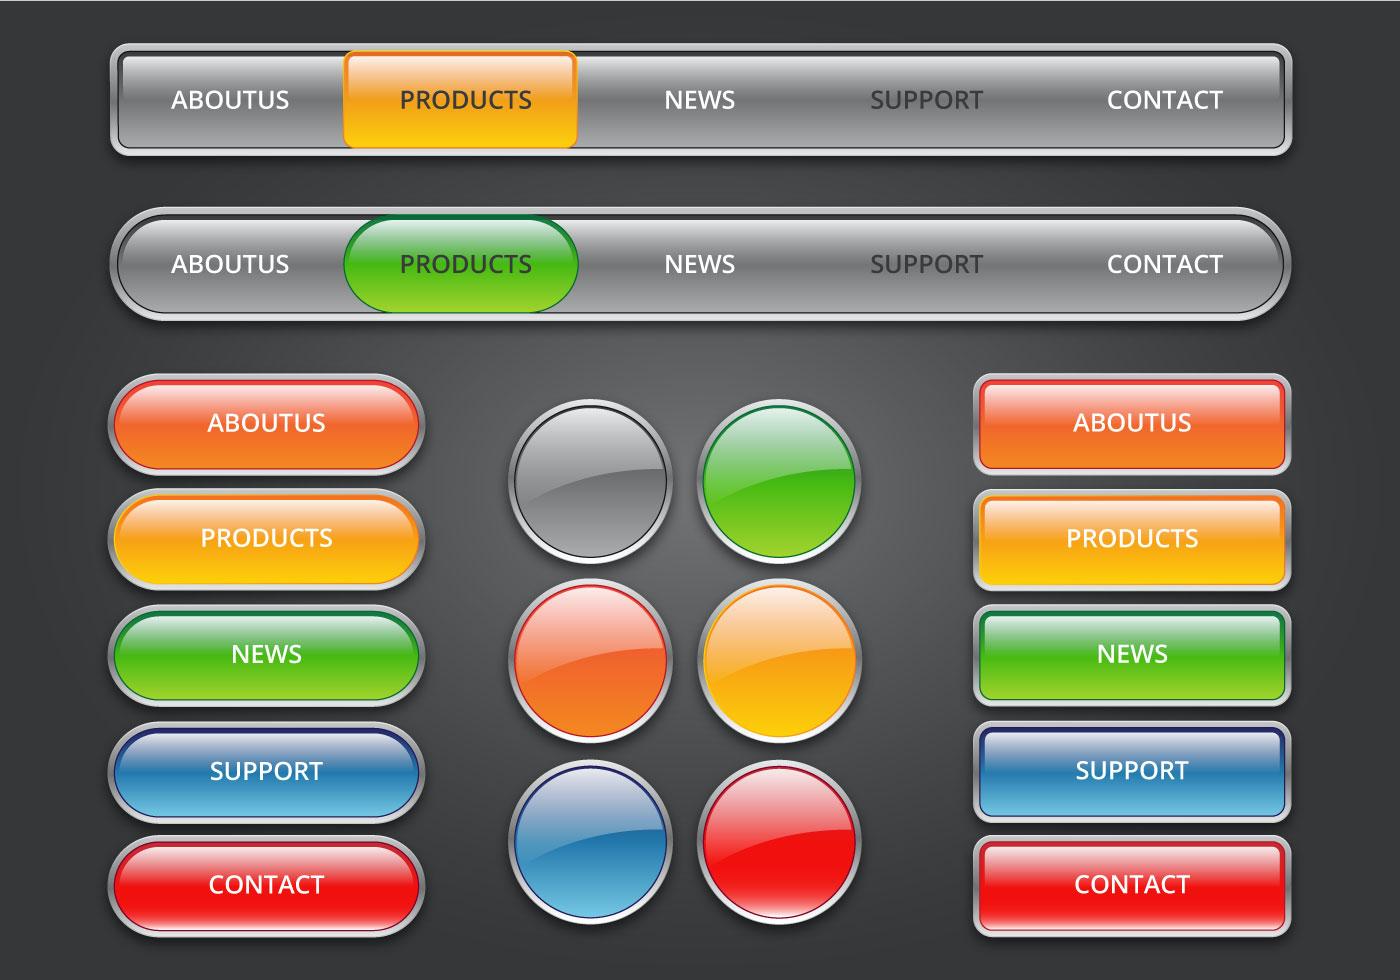 Vecteezy Editor web buttons vector